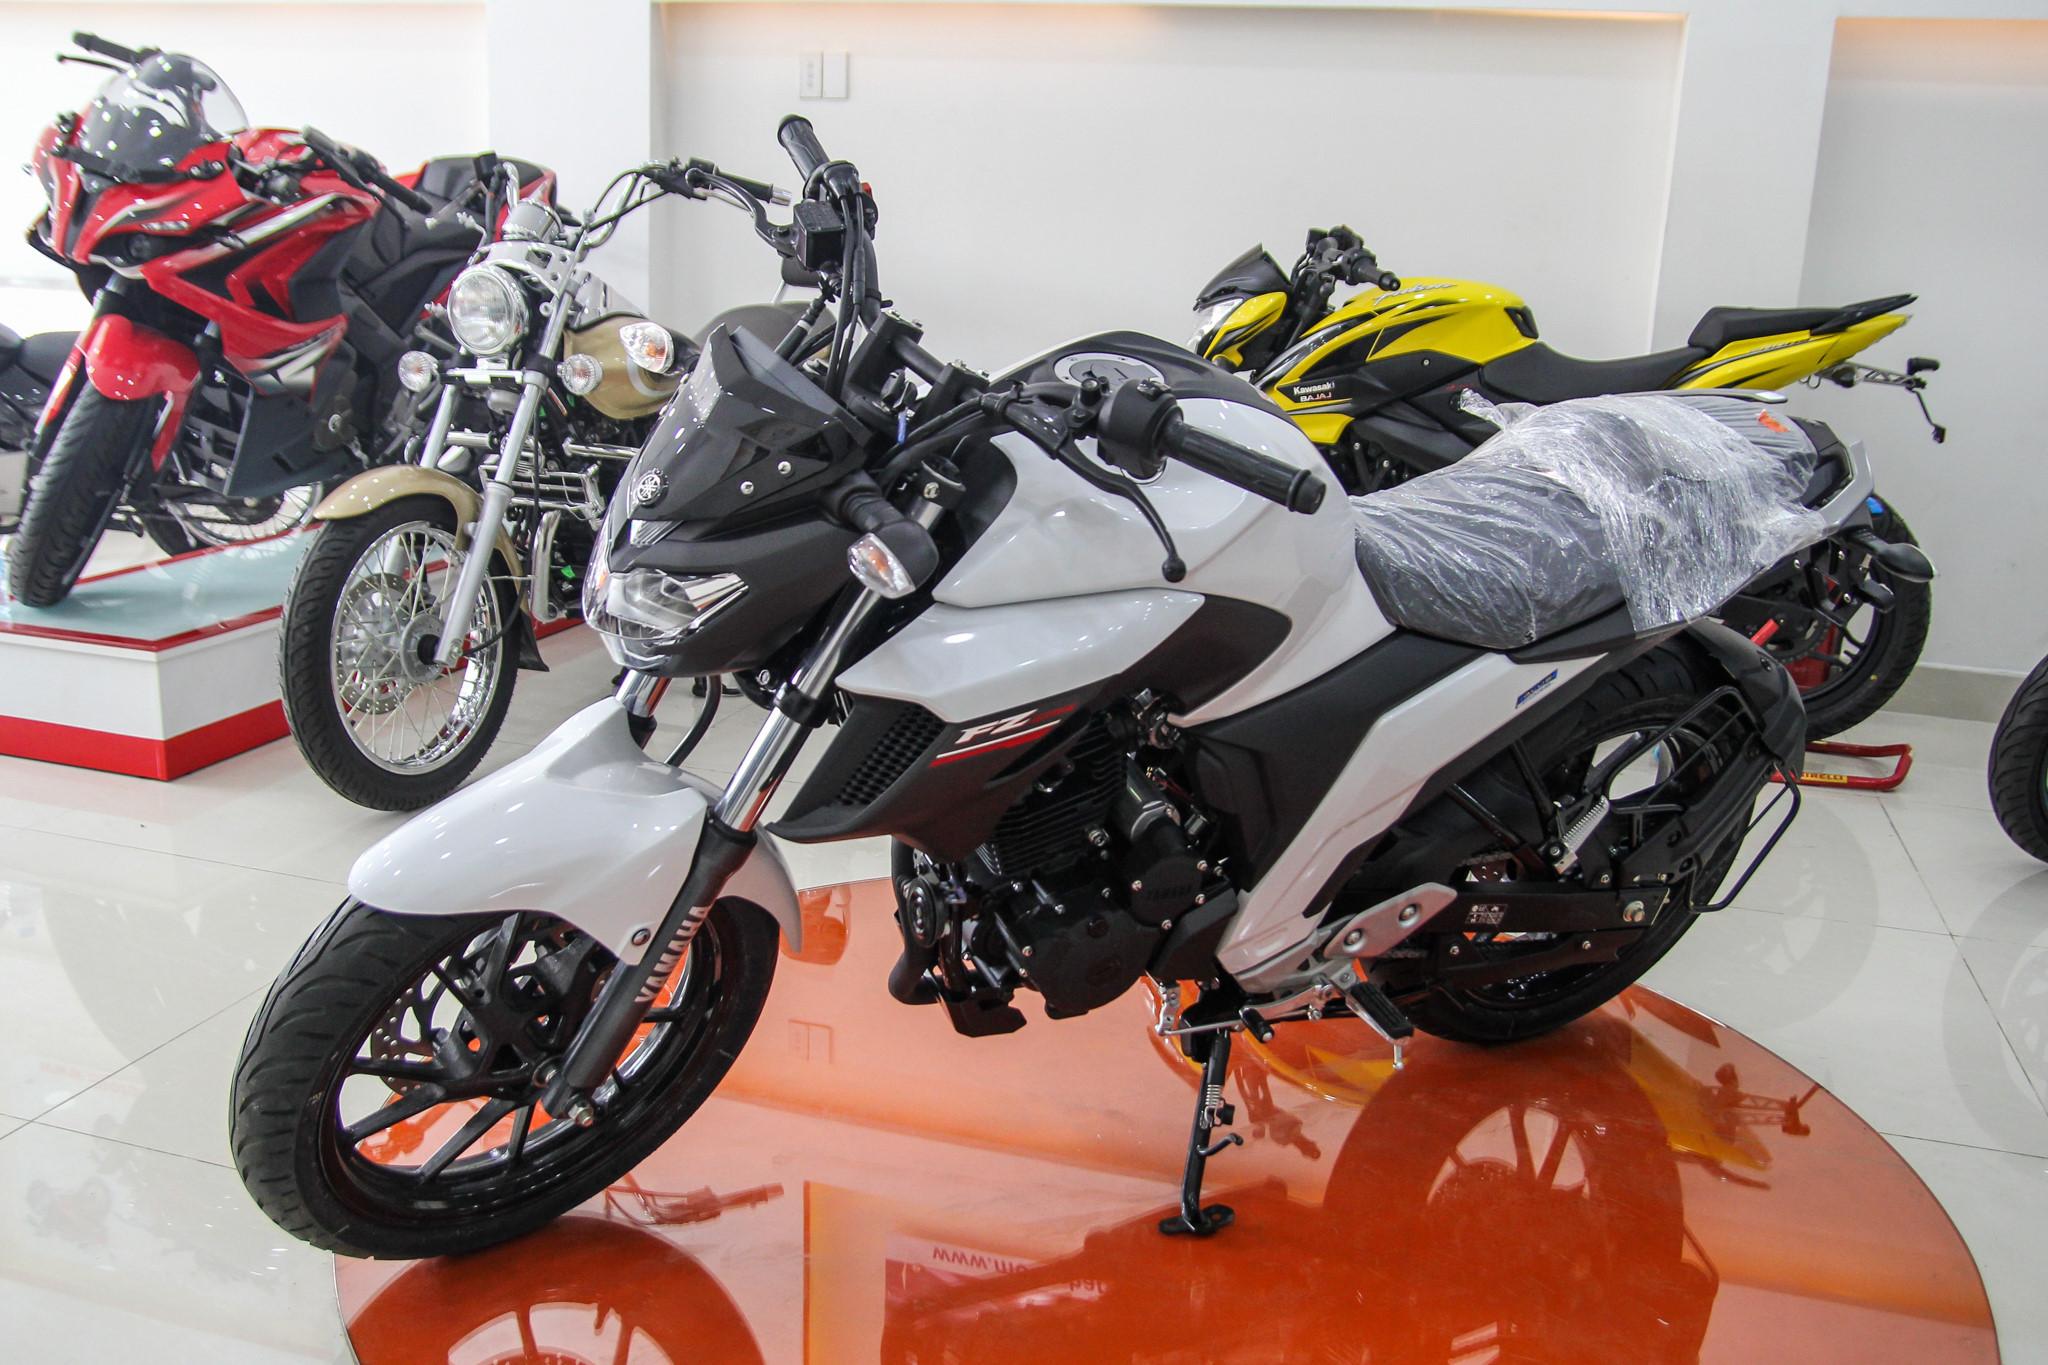 Xe Mô Tô Dưới 100 Triệu Đồng -Yamaha FZ25 2017